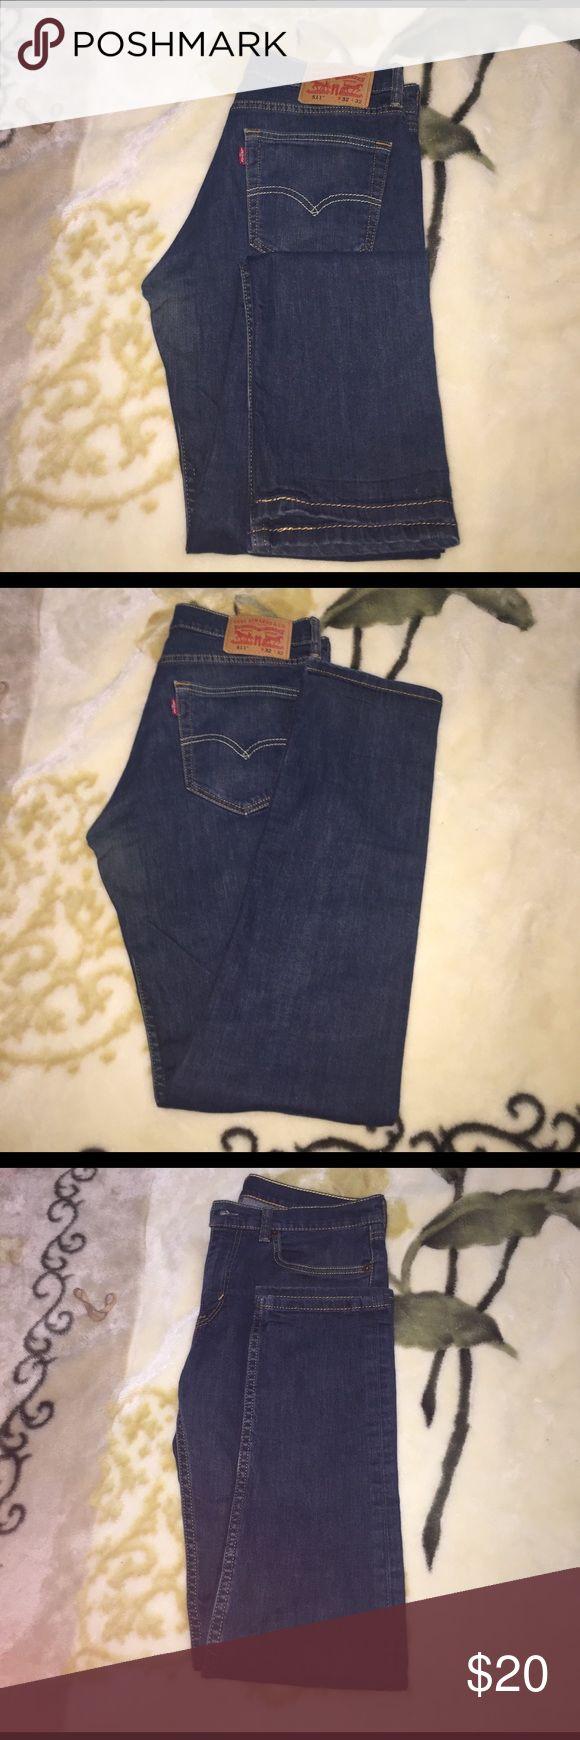 Men's Levi Jeans Comfortable, casual Men's Levi's Jeans. Style: 511 Size: W32, L32. Fabric: 98% cotton, 2% elastane. Levi's Jeans Skinny